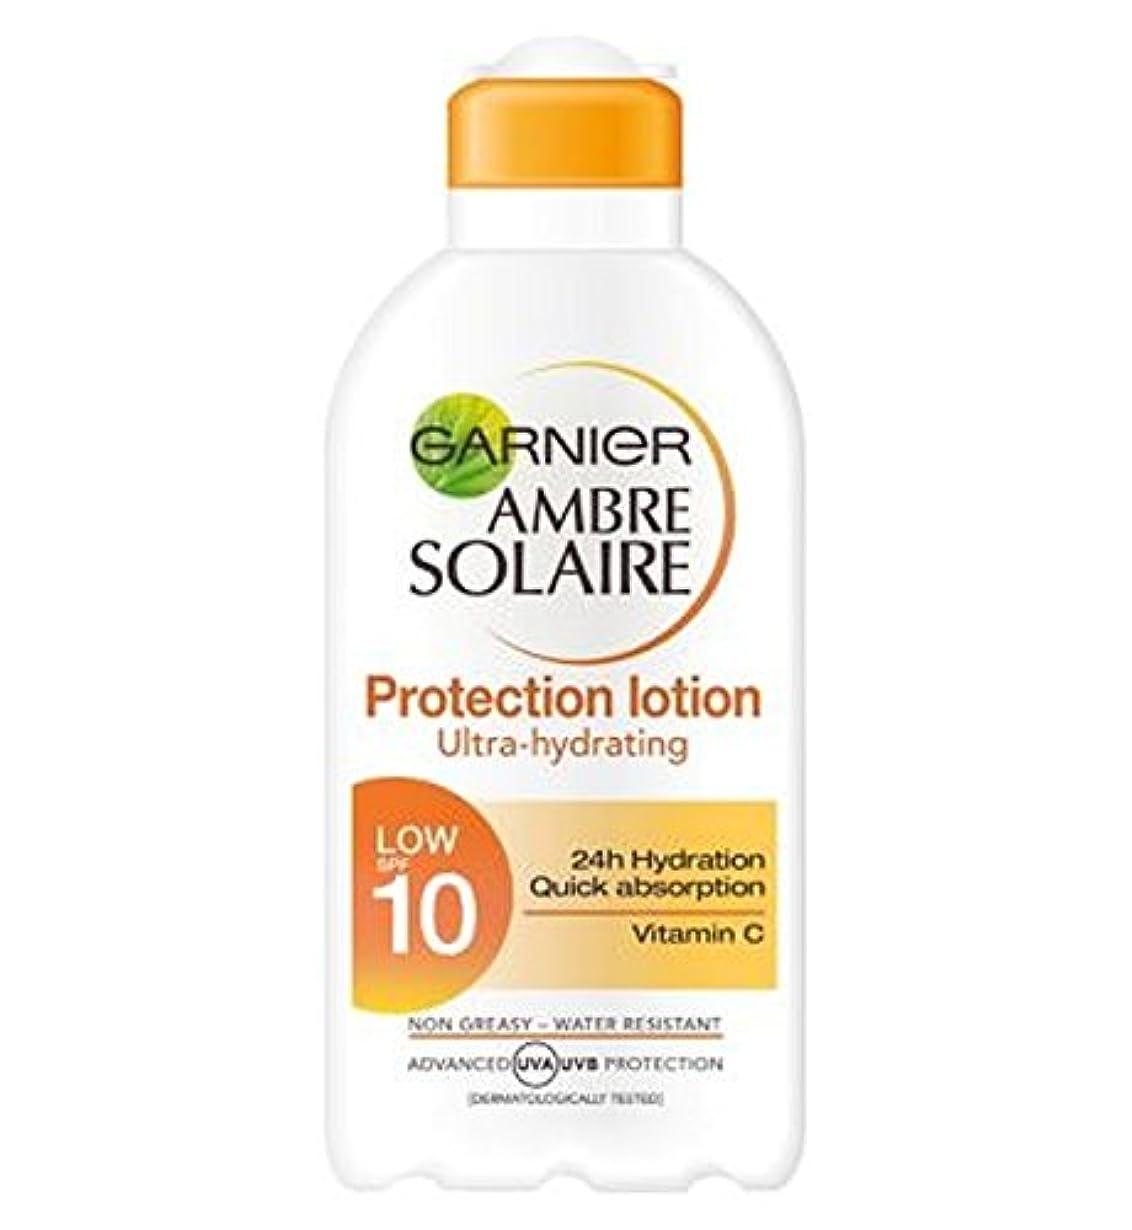 みがきます剣特許ガルニエアンブレSolaire保護ローションSpf10の200ミリリットル (Garnier) (x2) - Garnier Ambre Solaire Protection Lotion SPF10 200ml (Pack of 2) [並行輸入品]